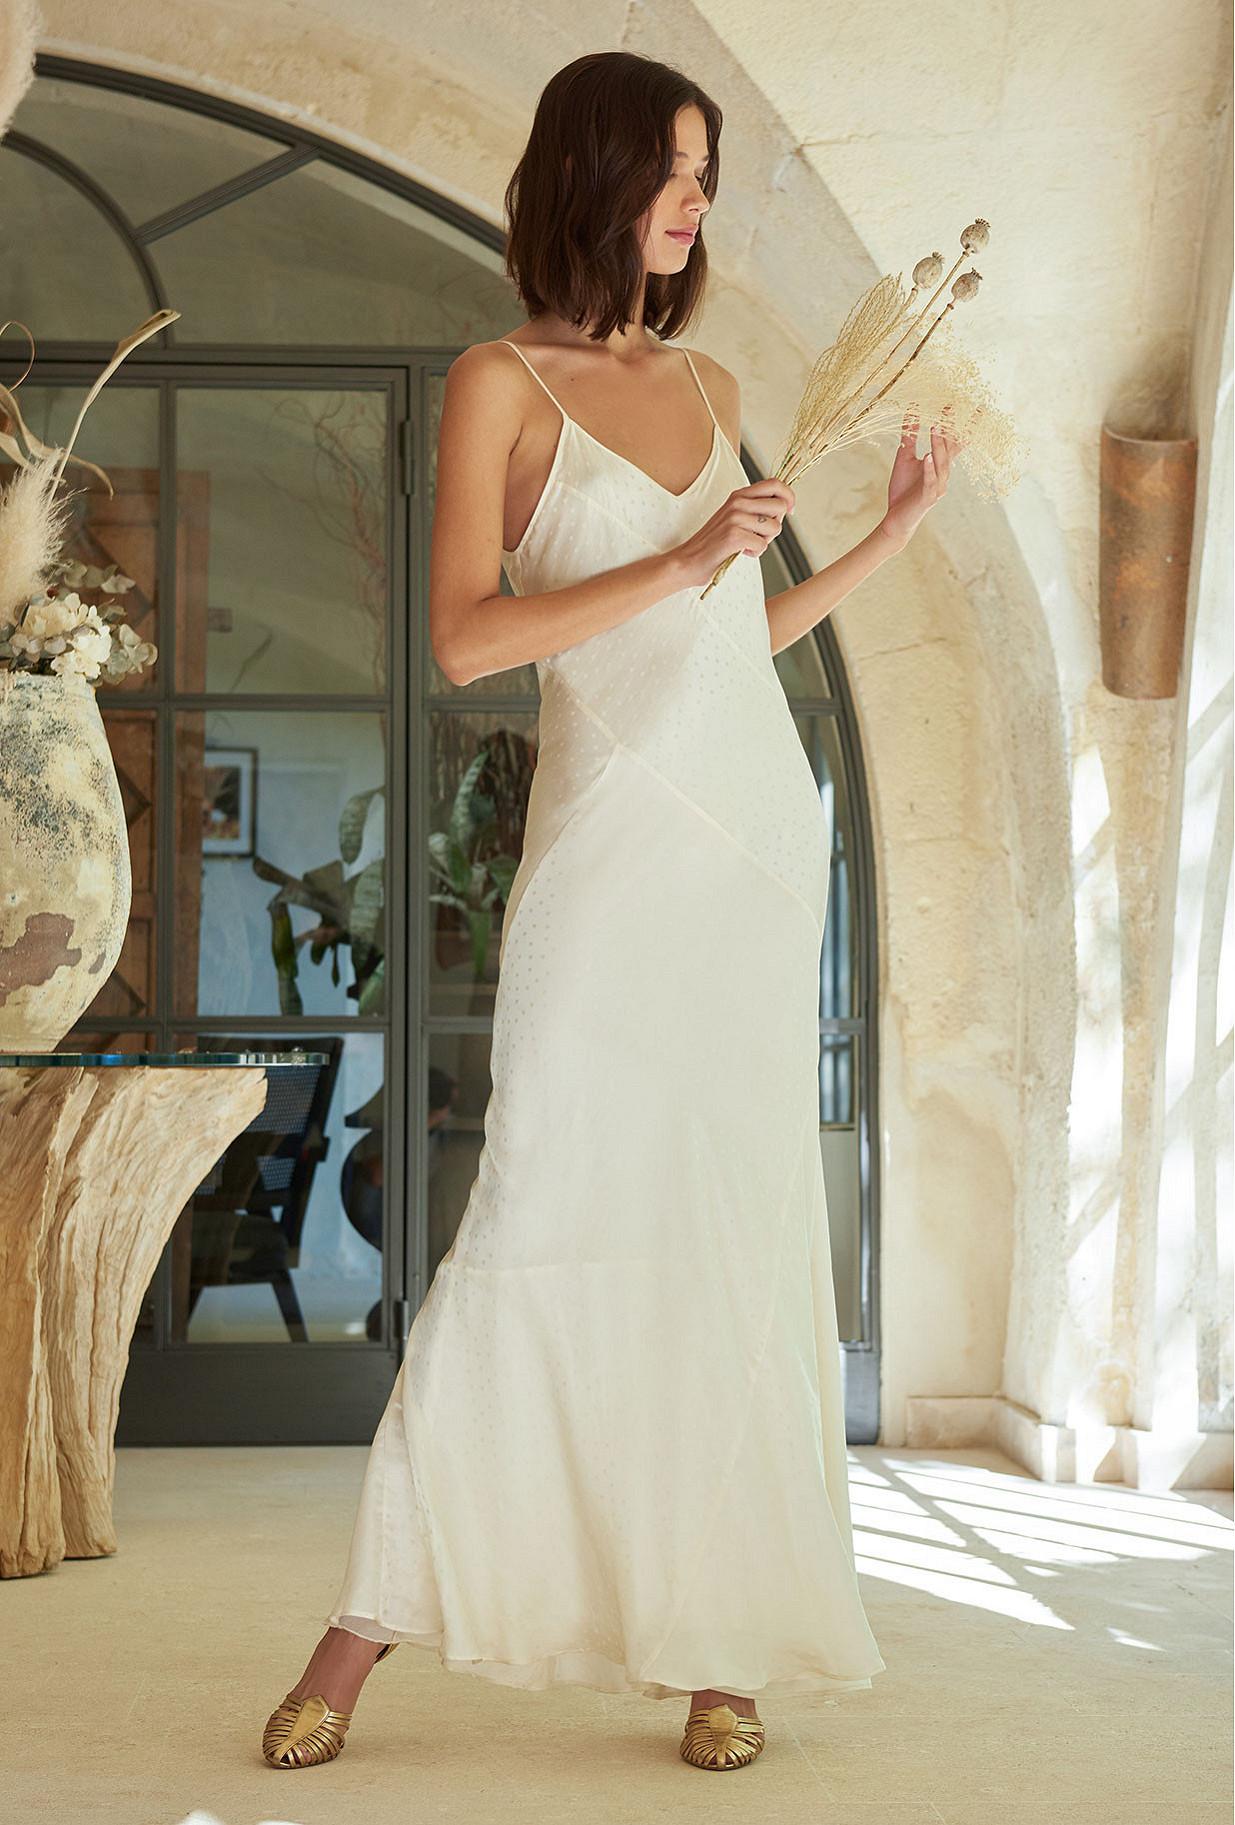 Paris boutique de mode vêtement Robe créateur bohème  Sequence